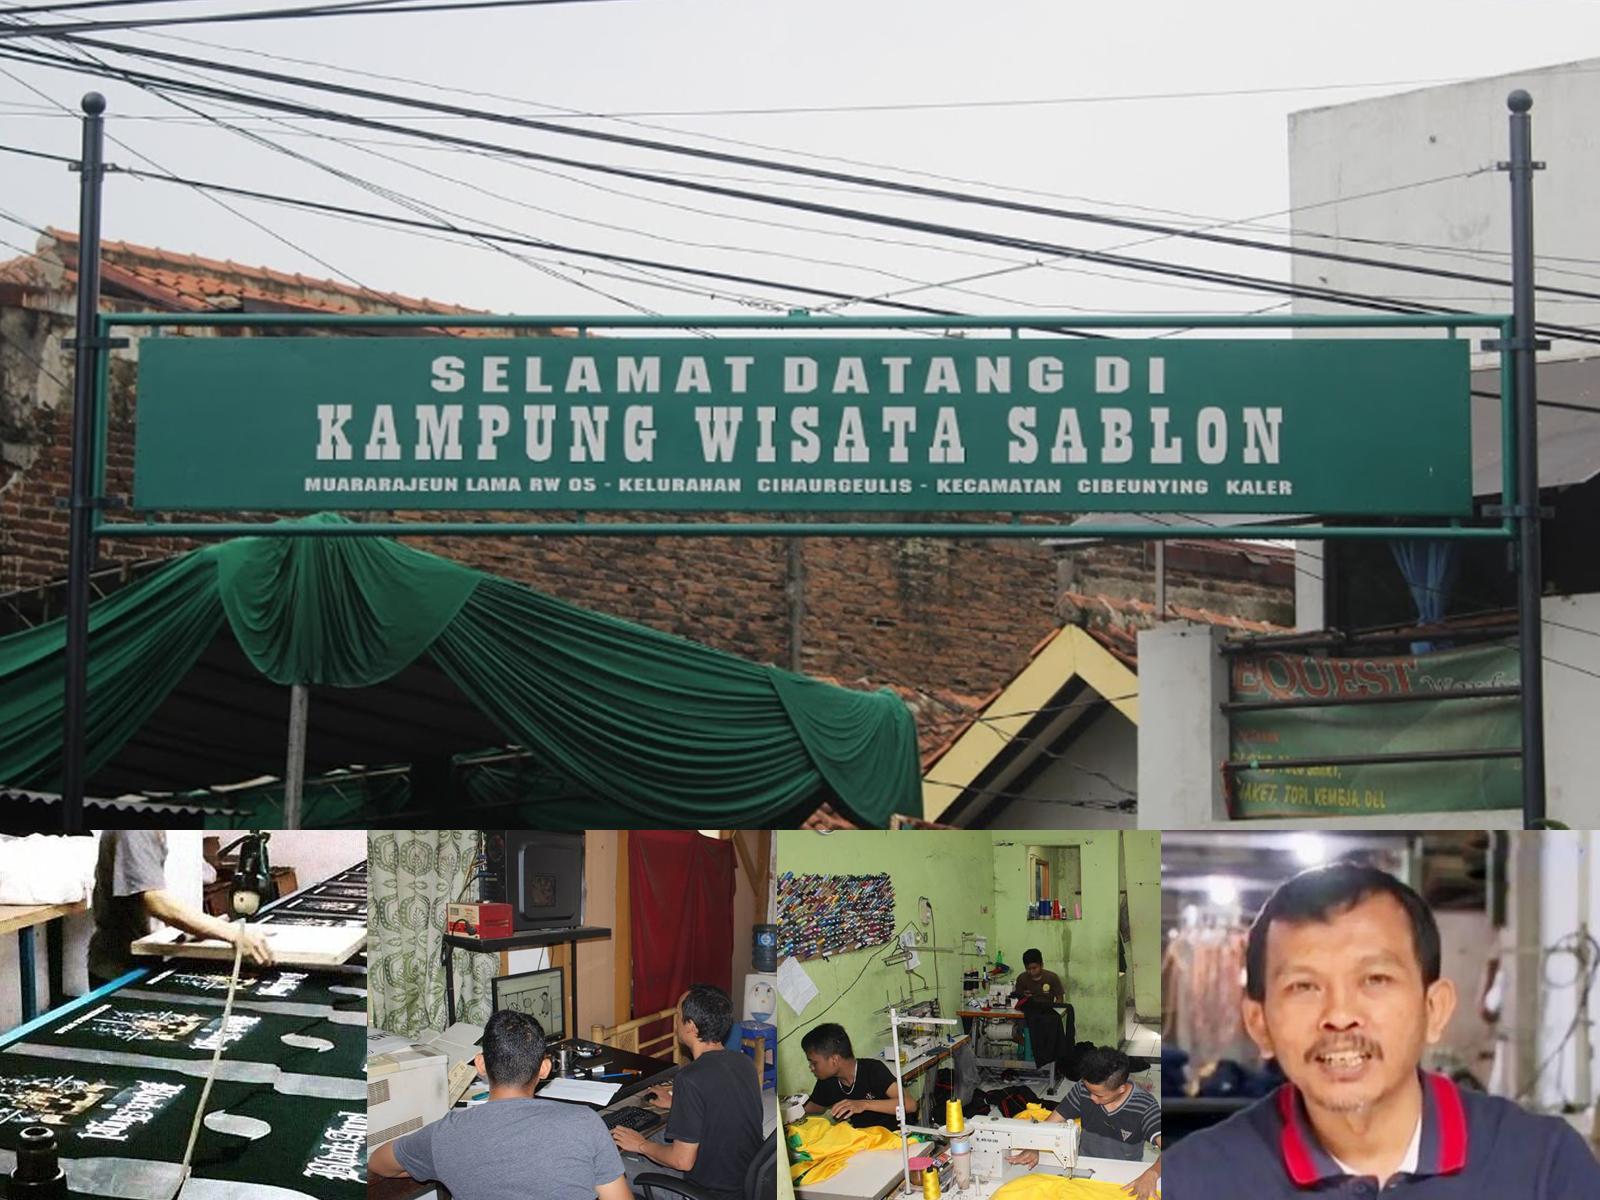 Kampung Wisata Sablon Muararajeun RW 5 Bandung